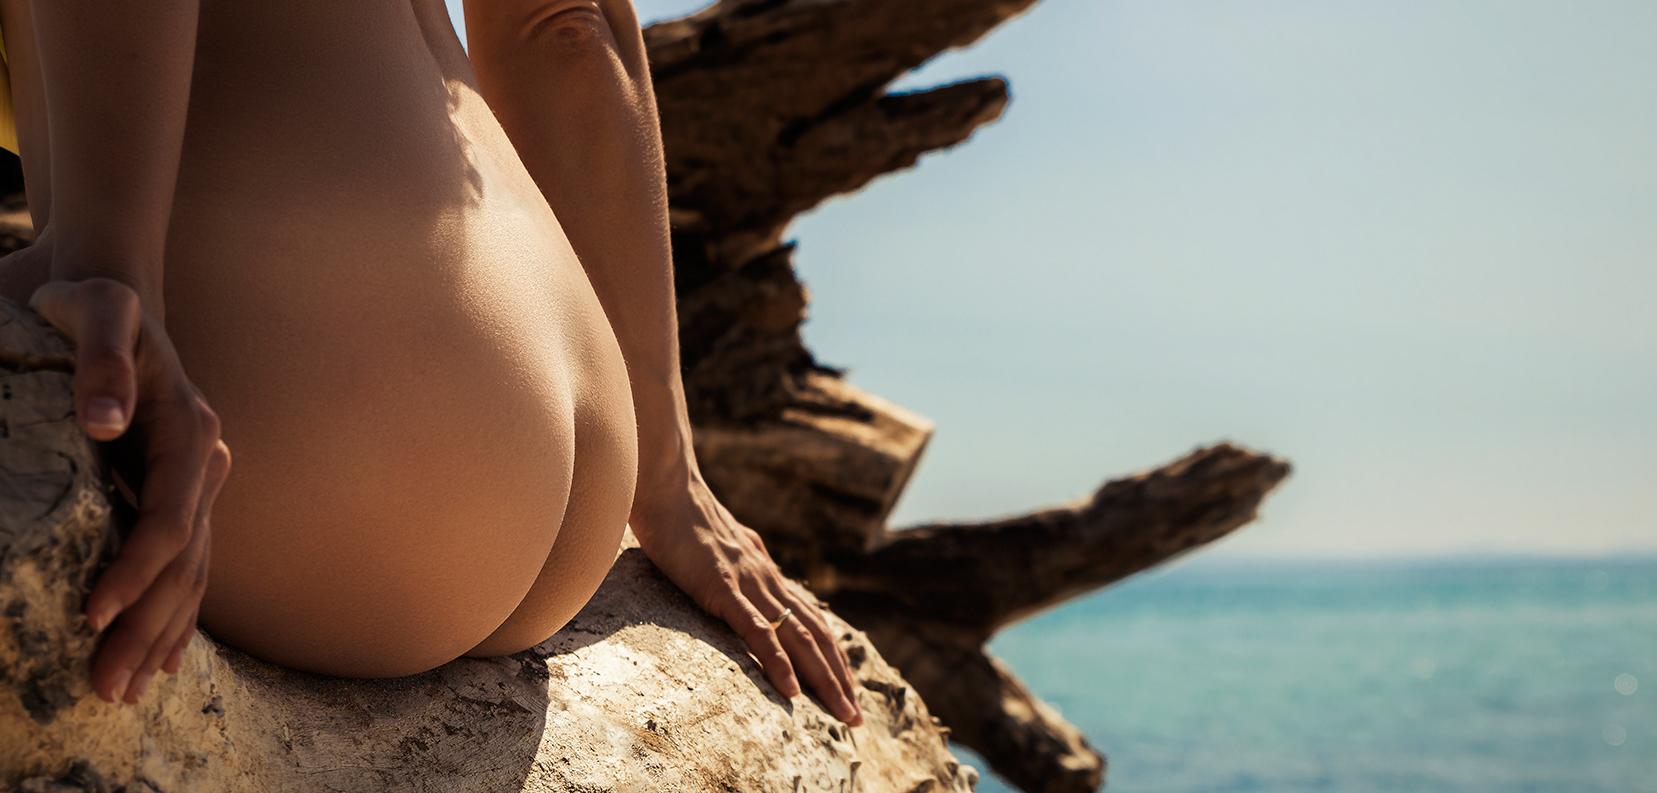 Strand Beach Po Hintern Aktfotografie nackt Baum Baumstamm Körper FKK Outdoor Fotografie